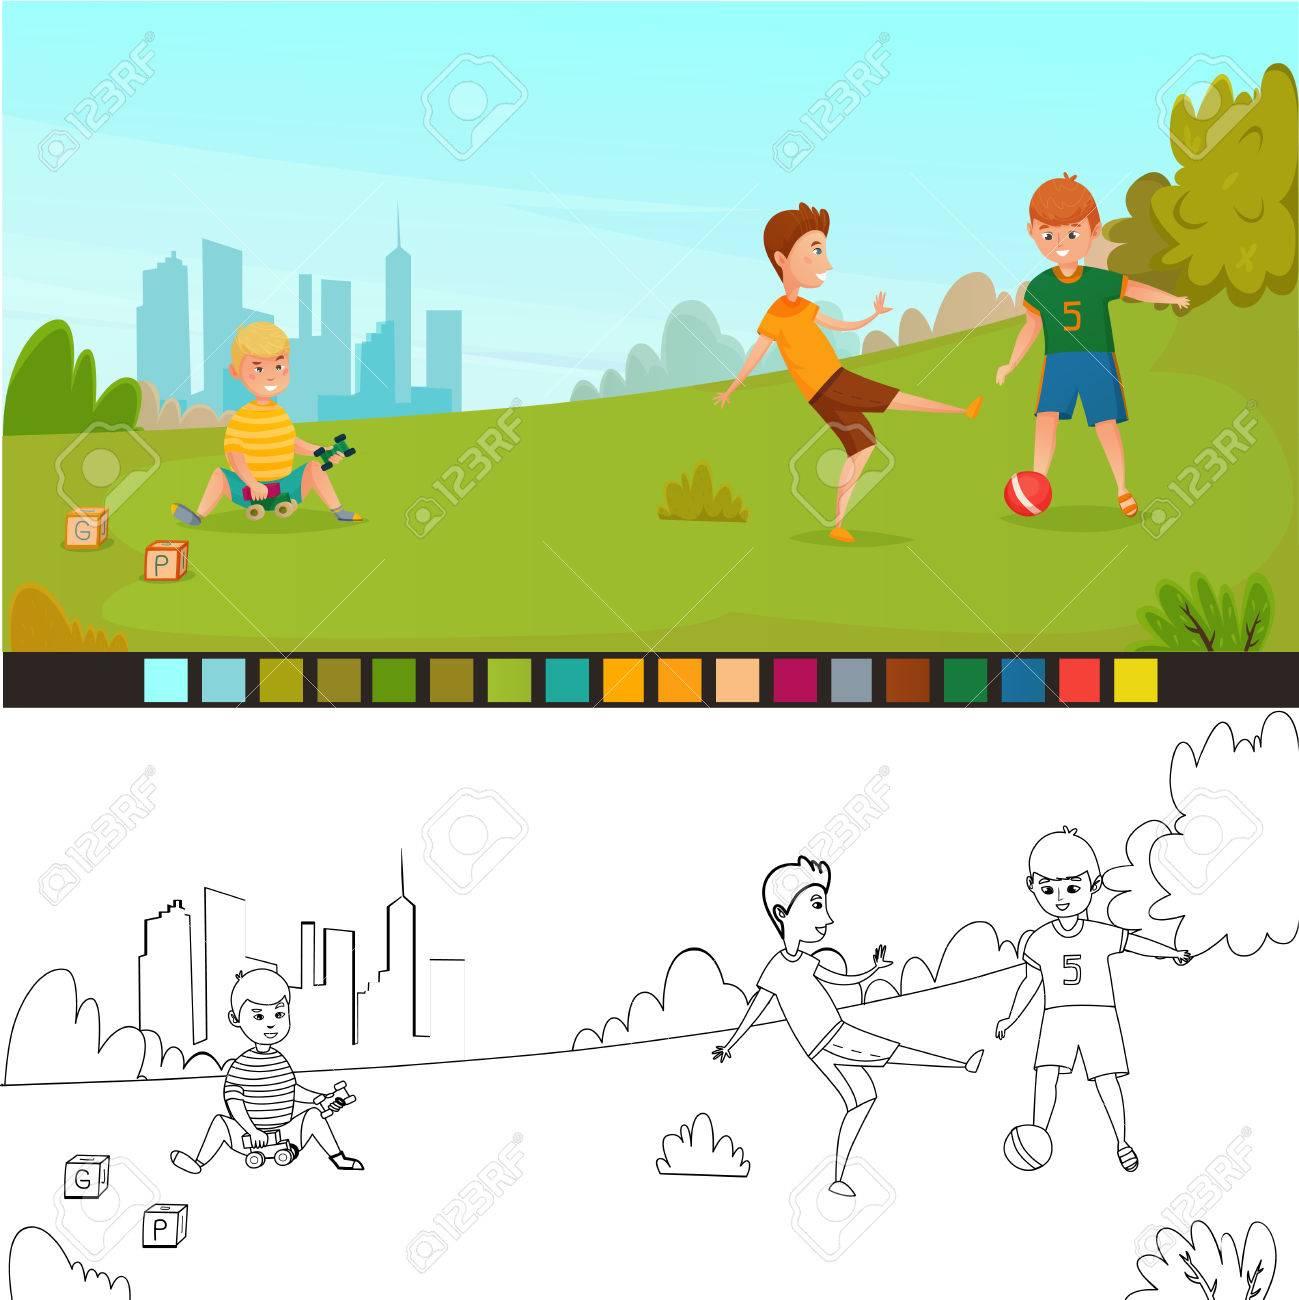 Gemalte Bilder Von Kindern. Cool Mit Kindern Zeichnen Gemaltes With ...